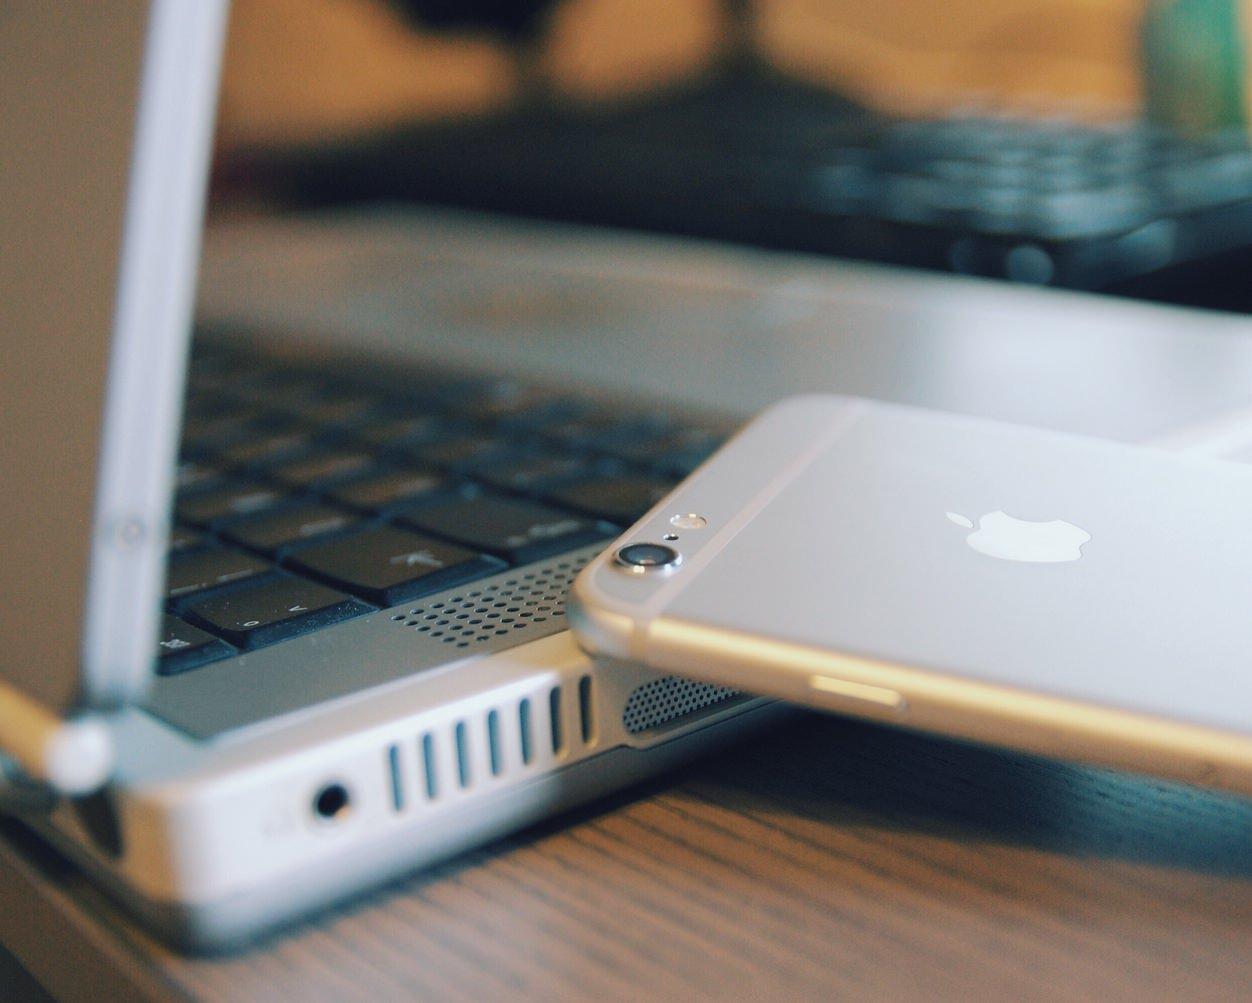 IPhoneBlog de Powerbook G4 plus iPhone 6